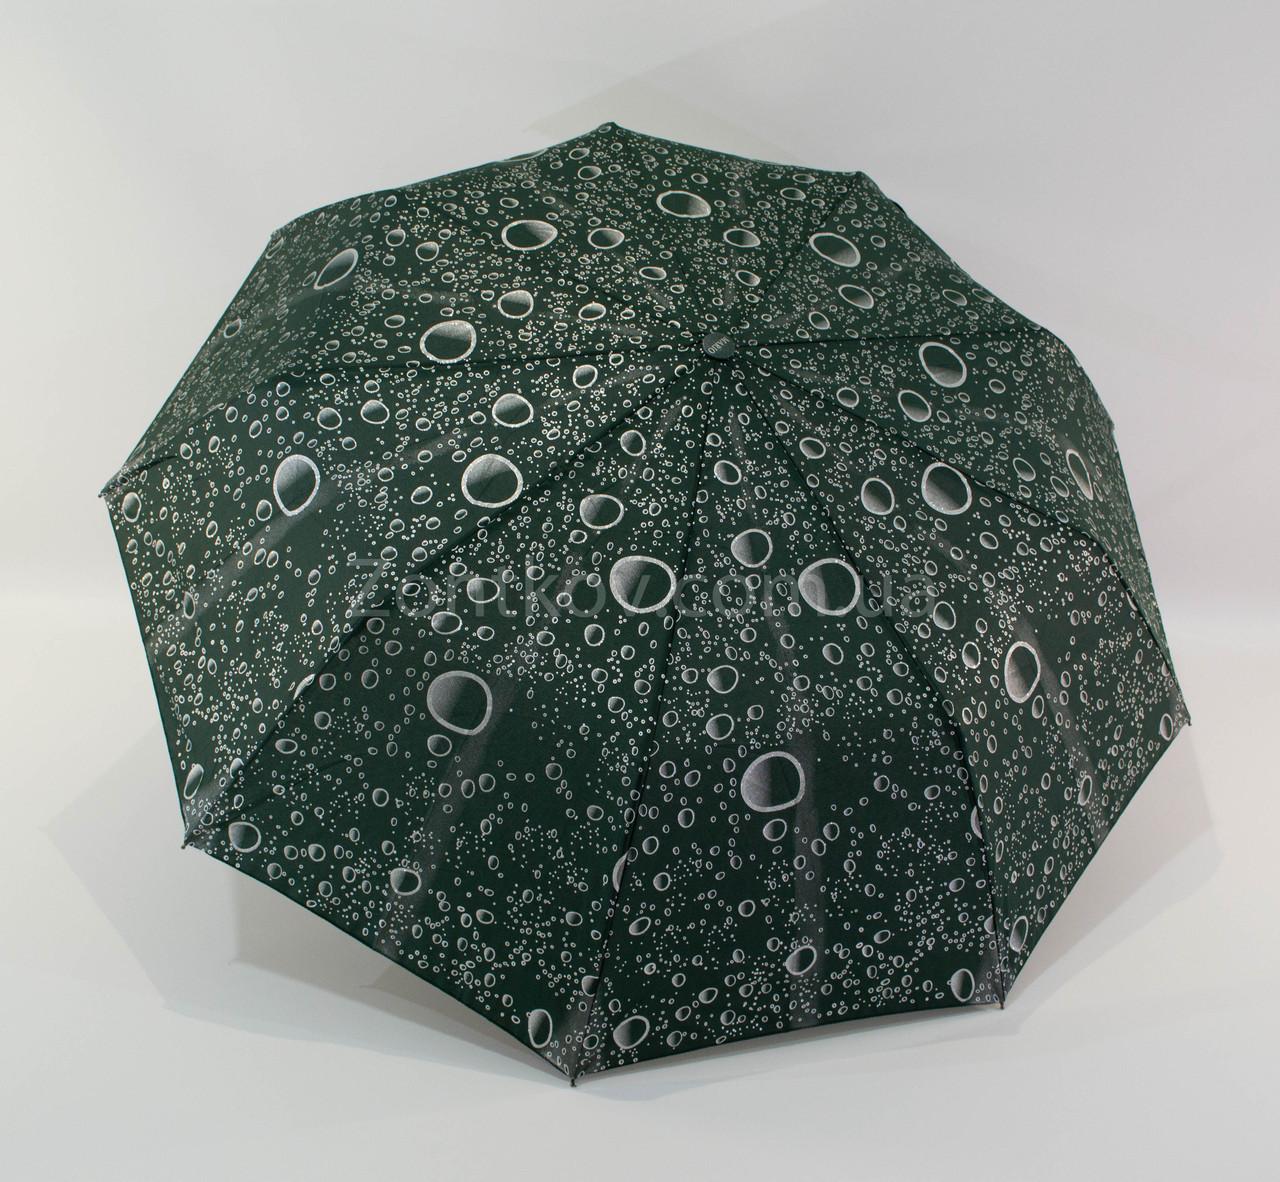 Складной женский зонт полуавтомат от фирмы Mario